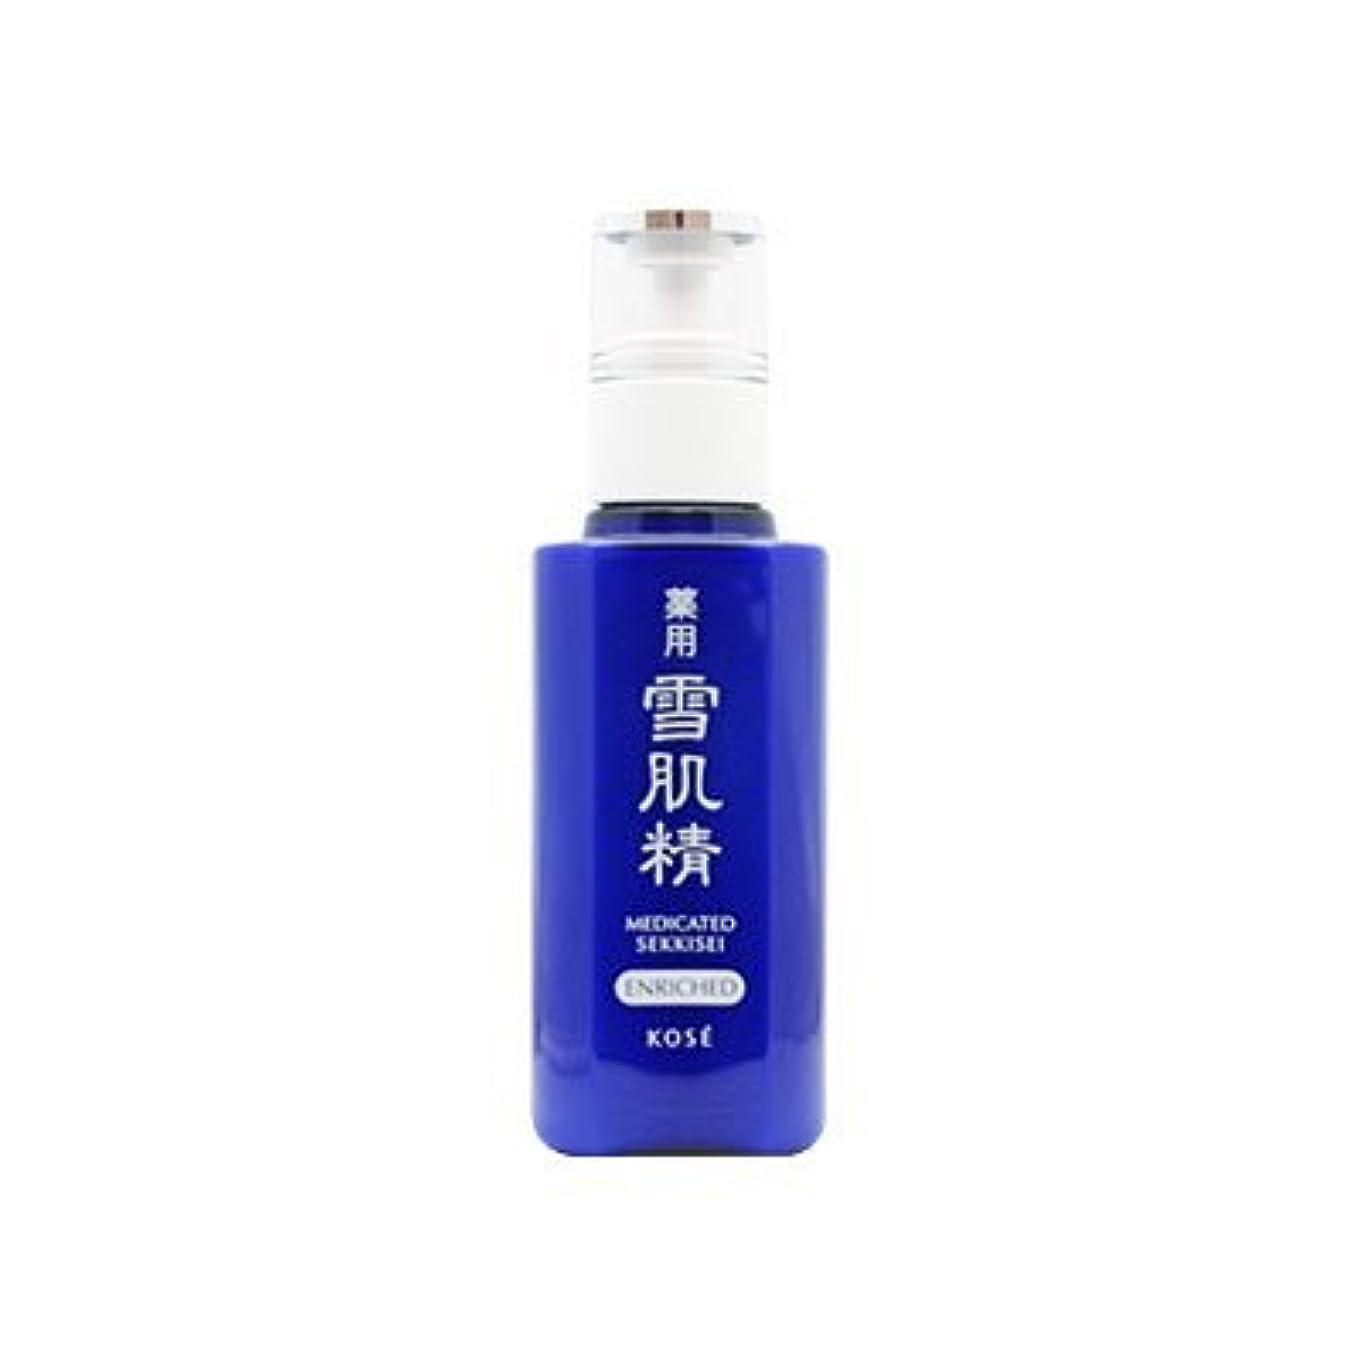 シャンプー路地奇妙なコーセー(KOSE) 薬用 雪肌精 乳液 140ml[並行輸入品]